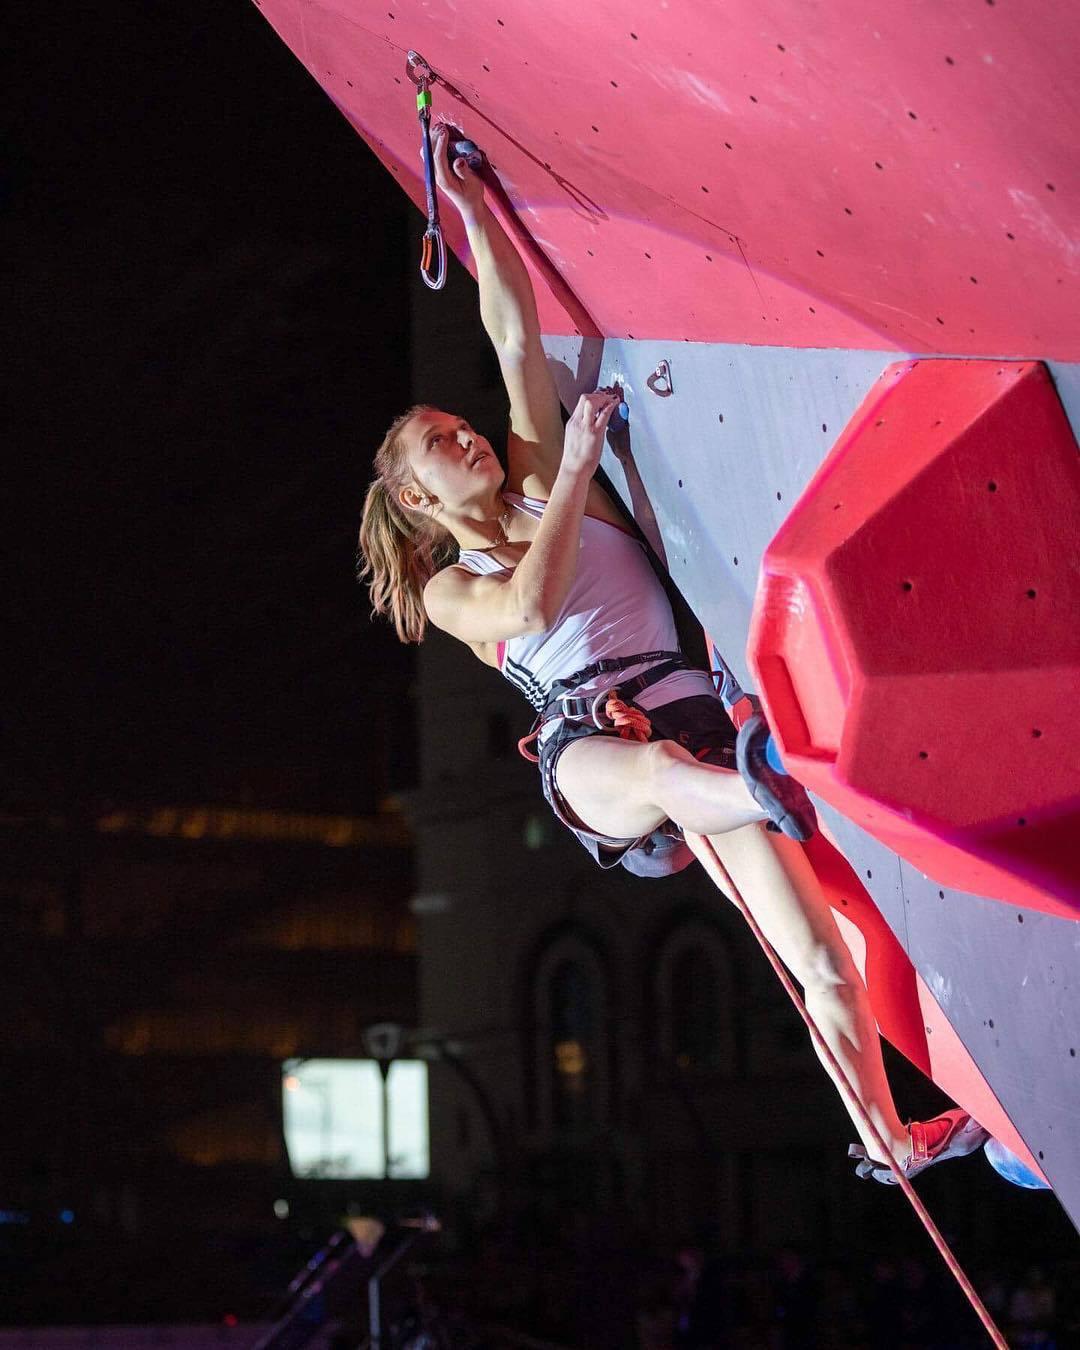 [东奥正妹] 攀岩正妹选手甜美笑容下轻功了得 飞檐走壁身手矫健 养眼图片 第3张